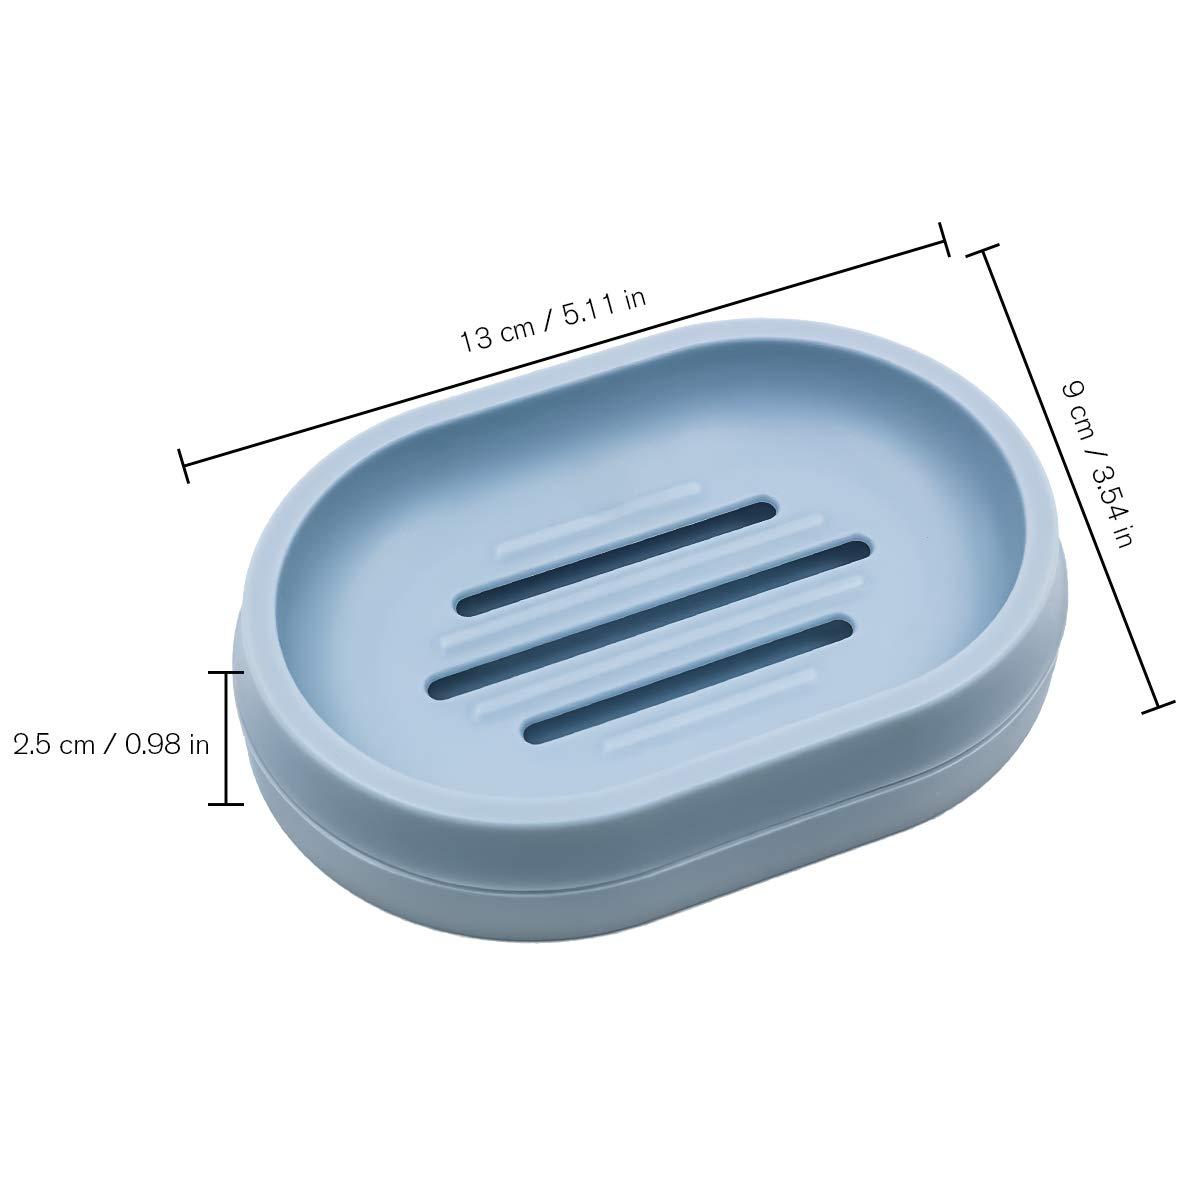 Scatola di Sapone Doccia per lavello Cucina Bagno 2/Pezzi Blue Ulable Sapone Case Holder Self drenante portasapone Saver